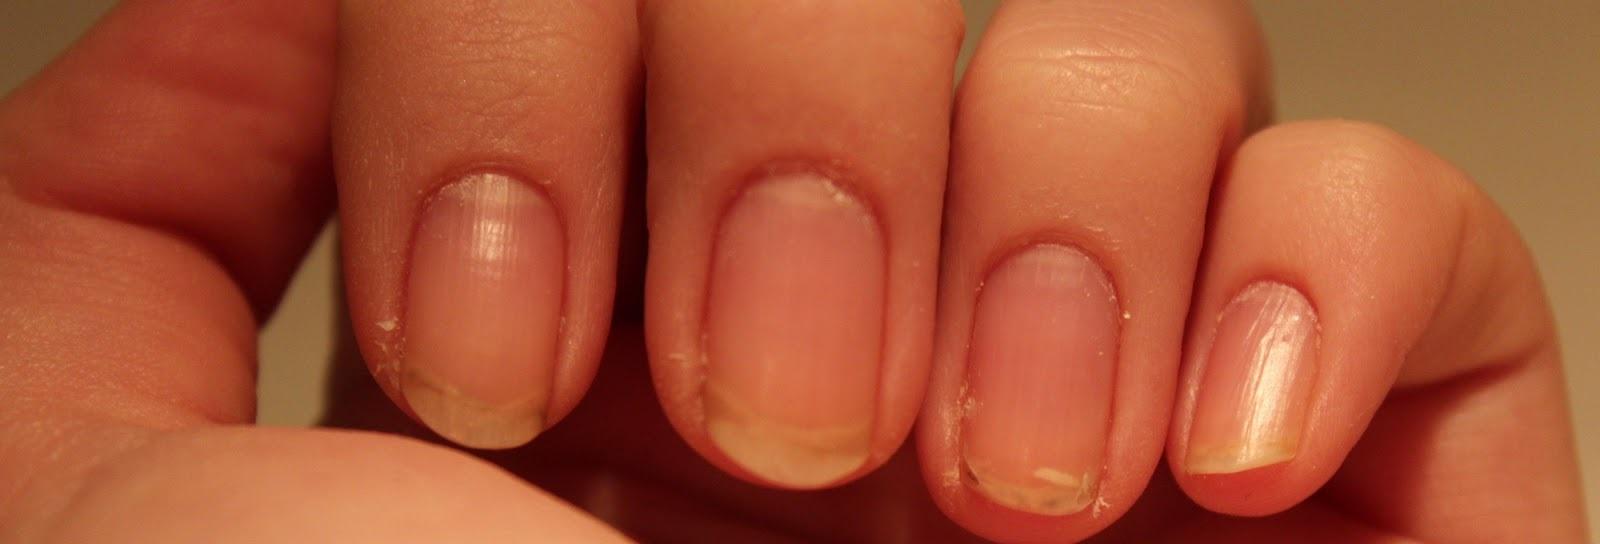 Грибок на ногтях на руках